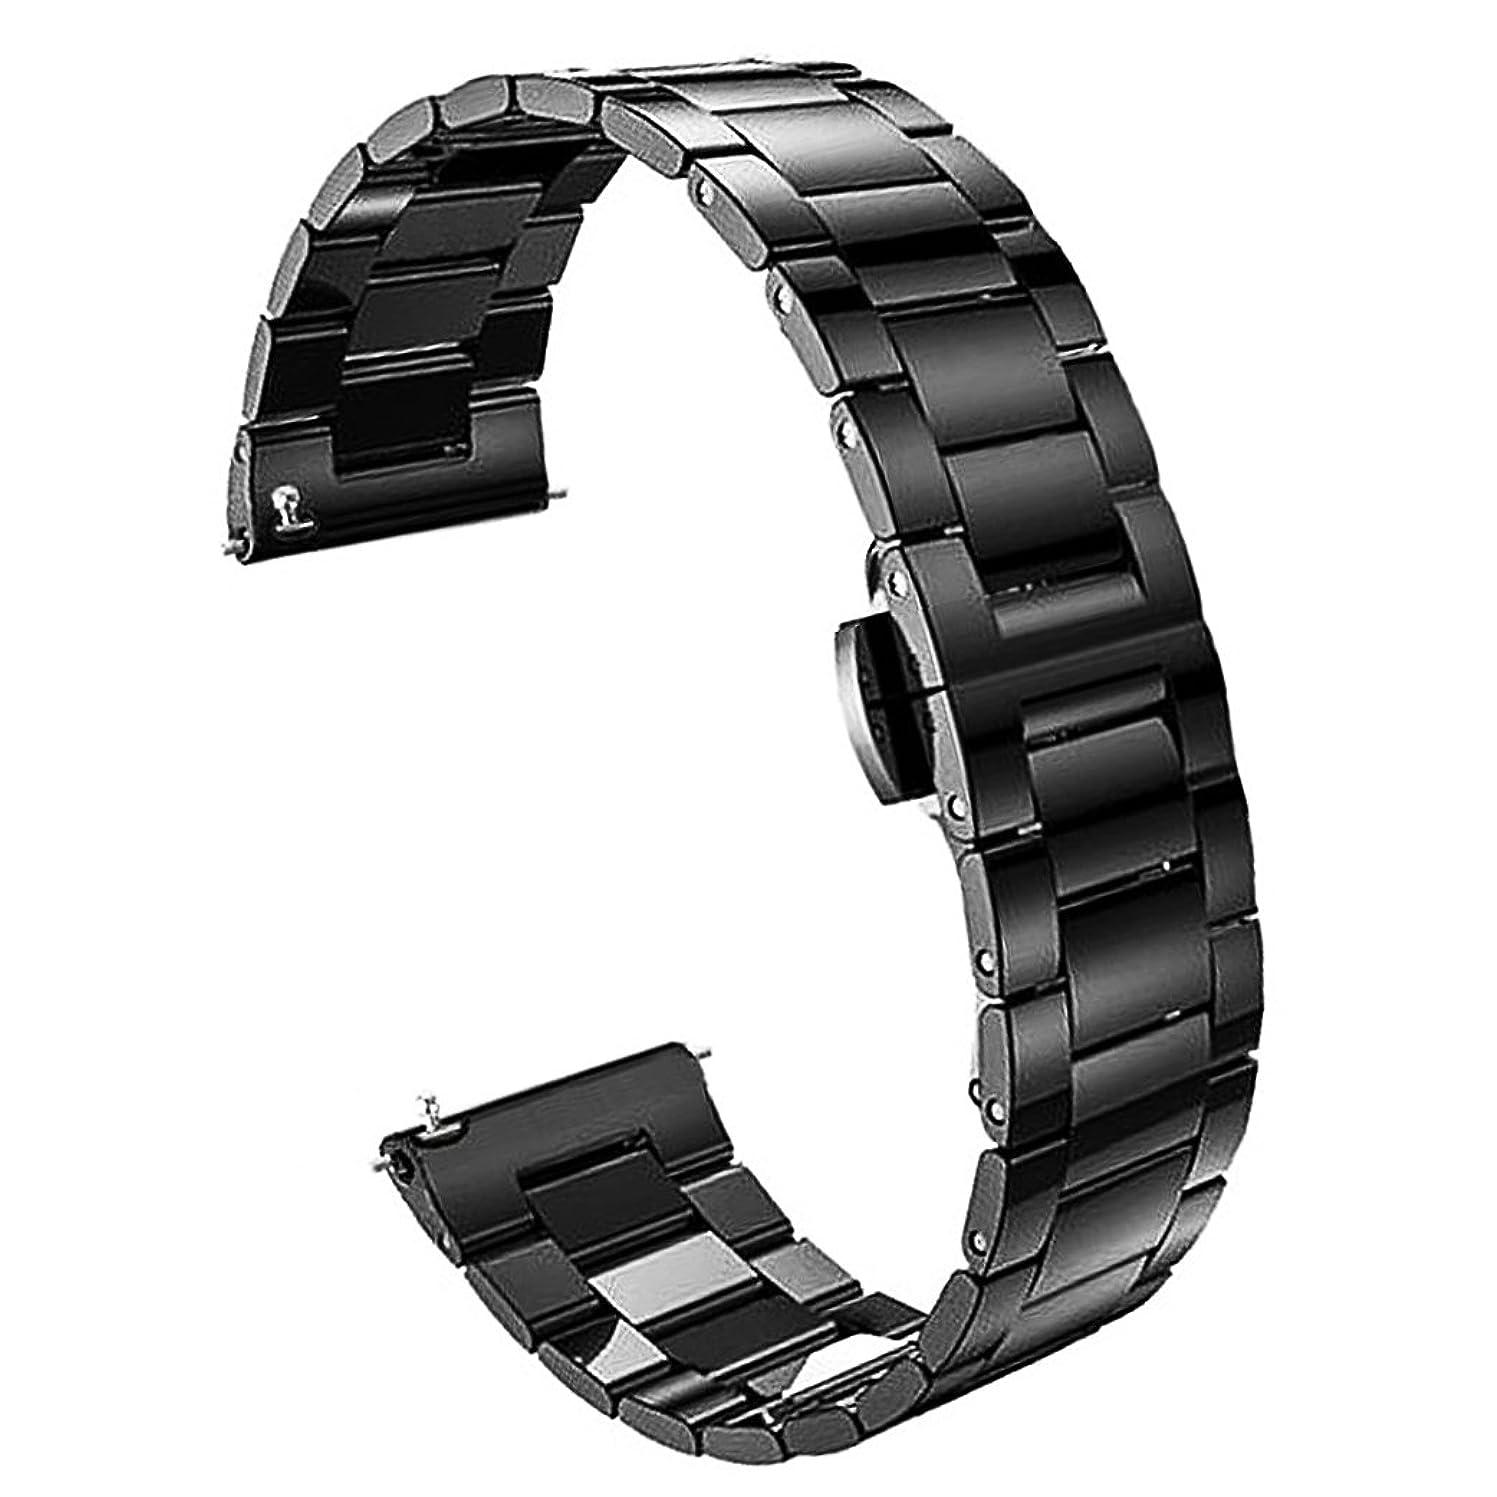 言うまでもなくオーストラリア人モッキンバード(ドノロロジオ)DonOrologio 腕時計 交換用 ベルト 22mm ステンレス 三連 メタル バンド ダブルプッシュ 観音開き 式 バックル サテン つや消し 仕上げ 直カン 取替 (ブラック)